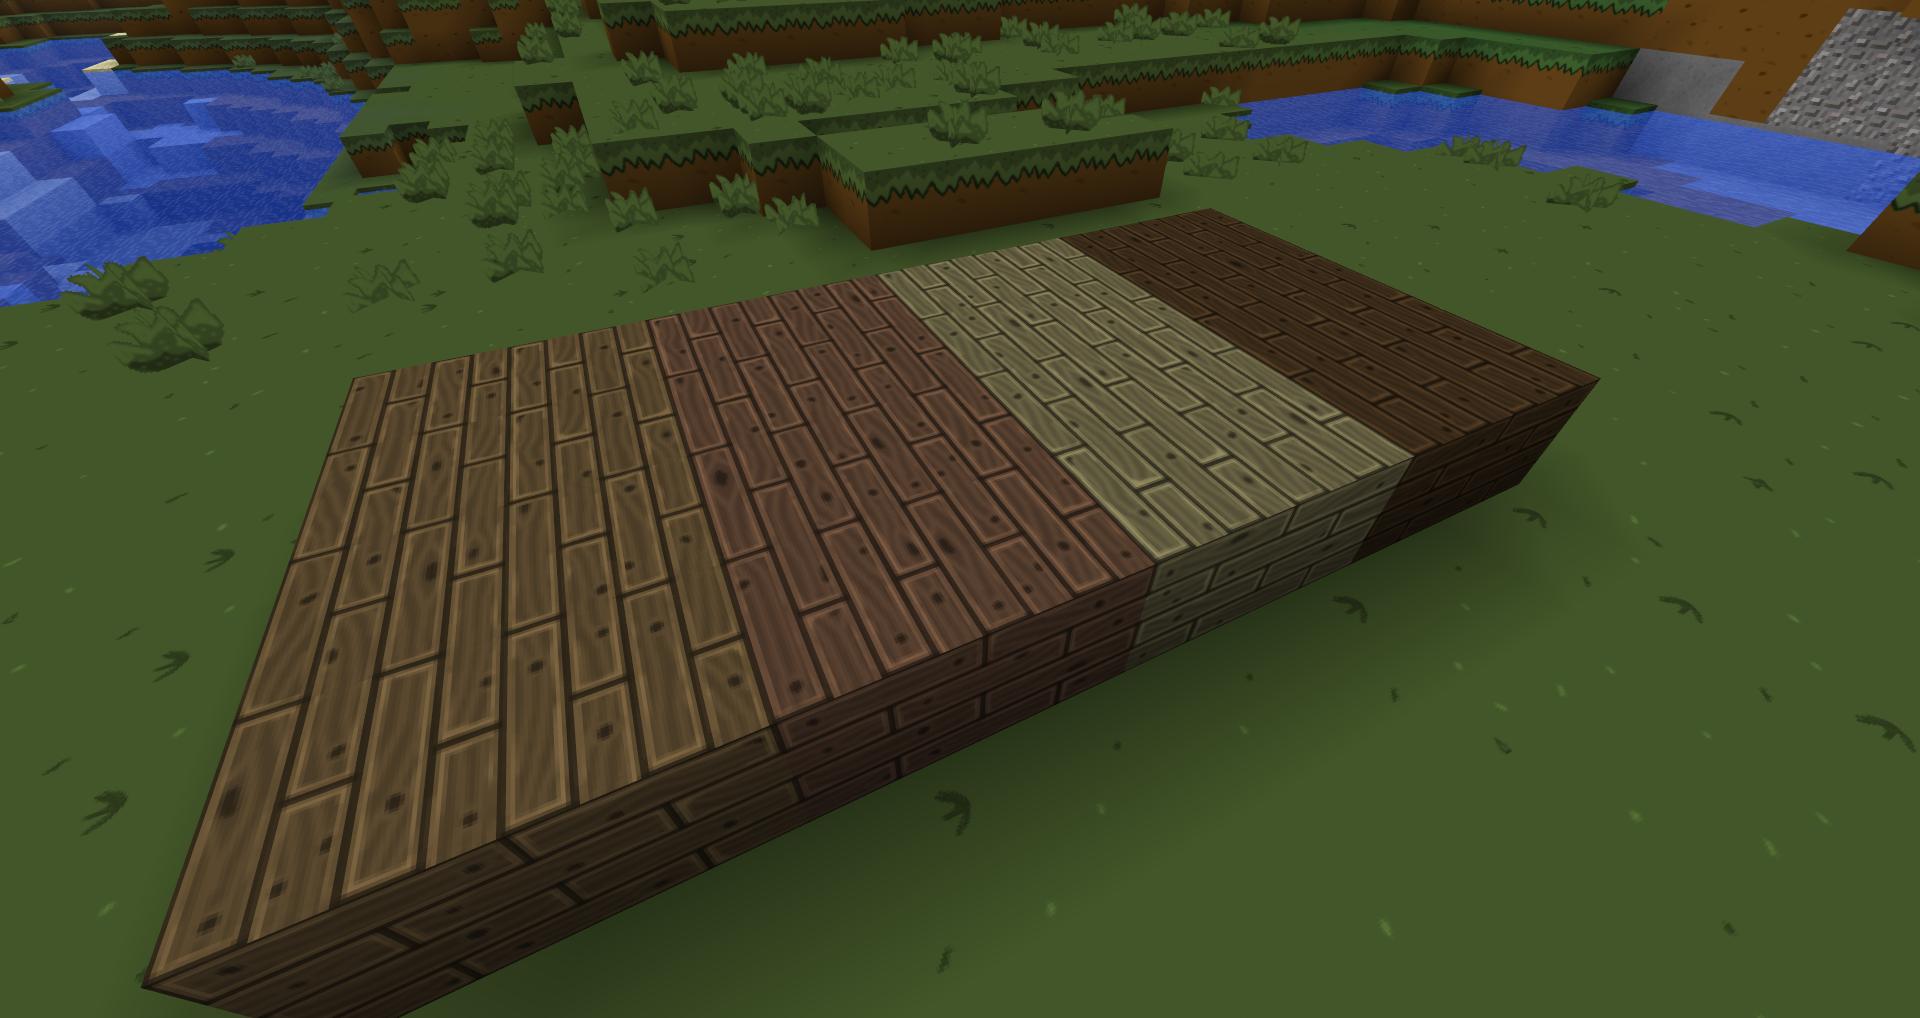 Wood Planks Texture 3